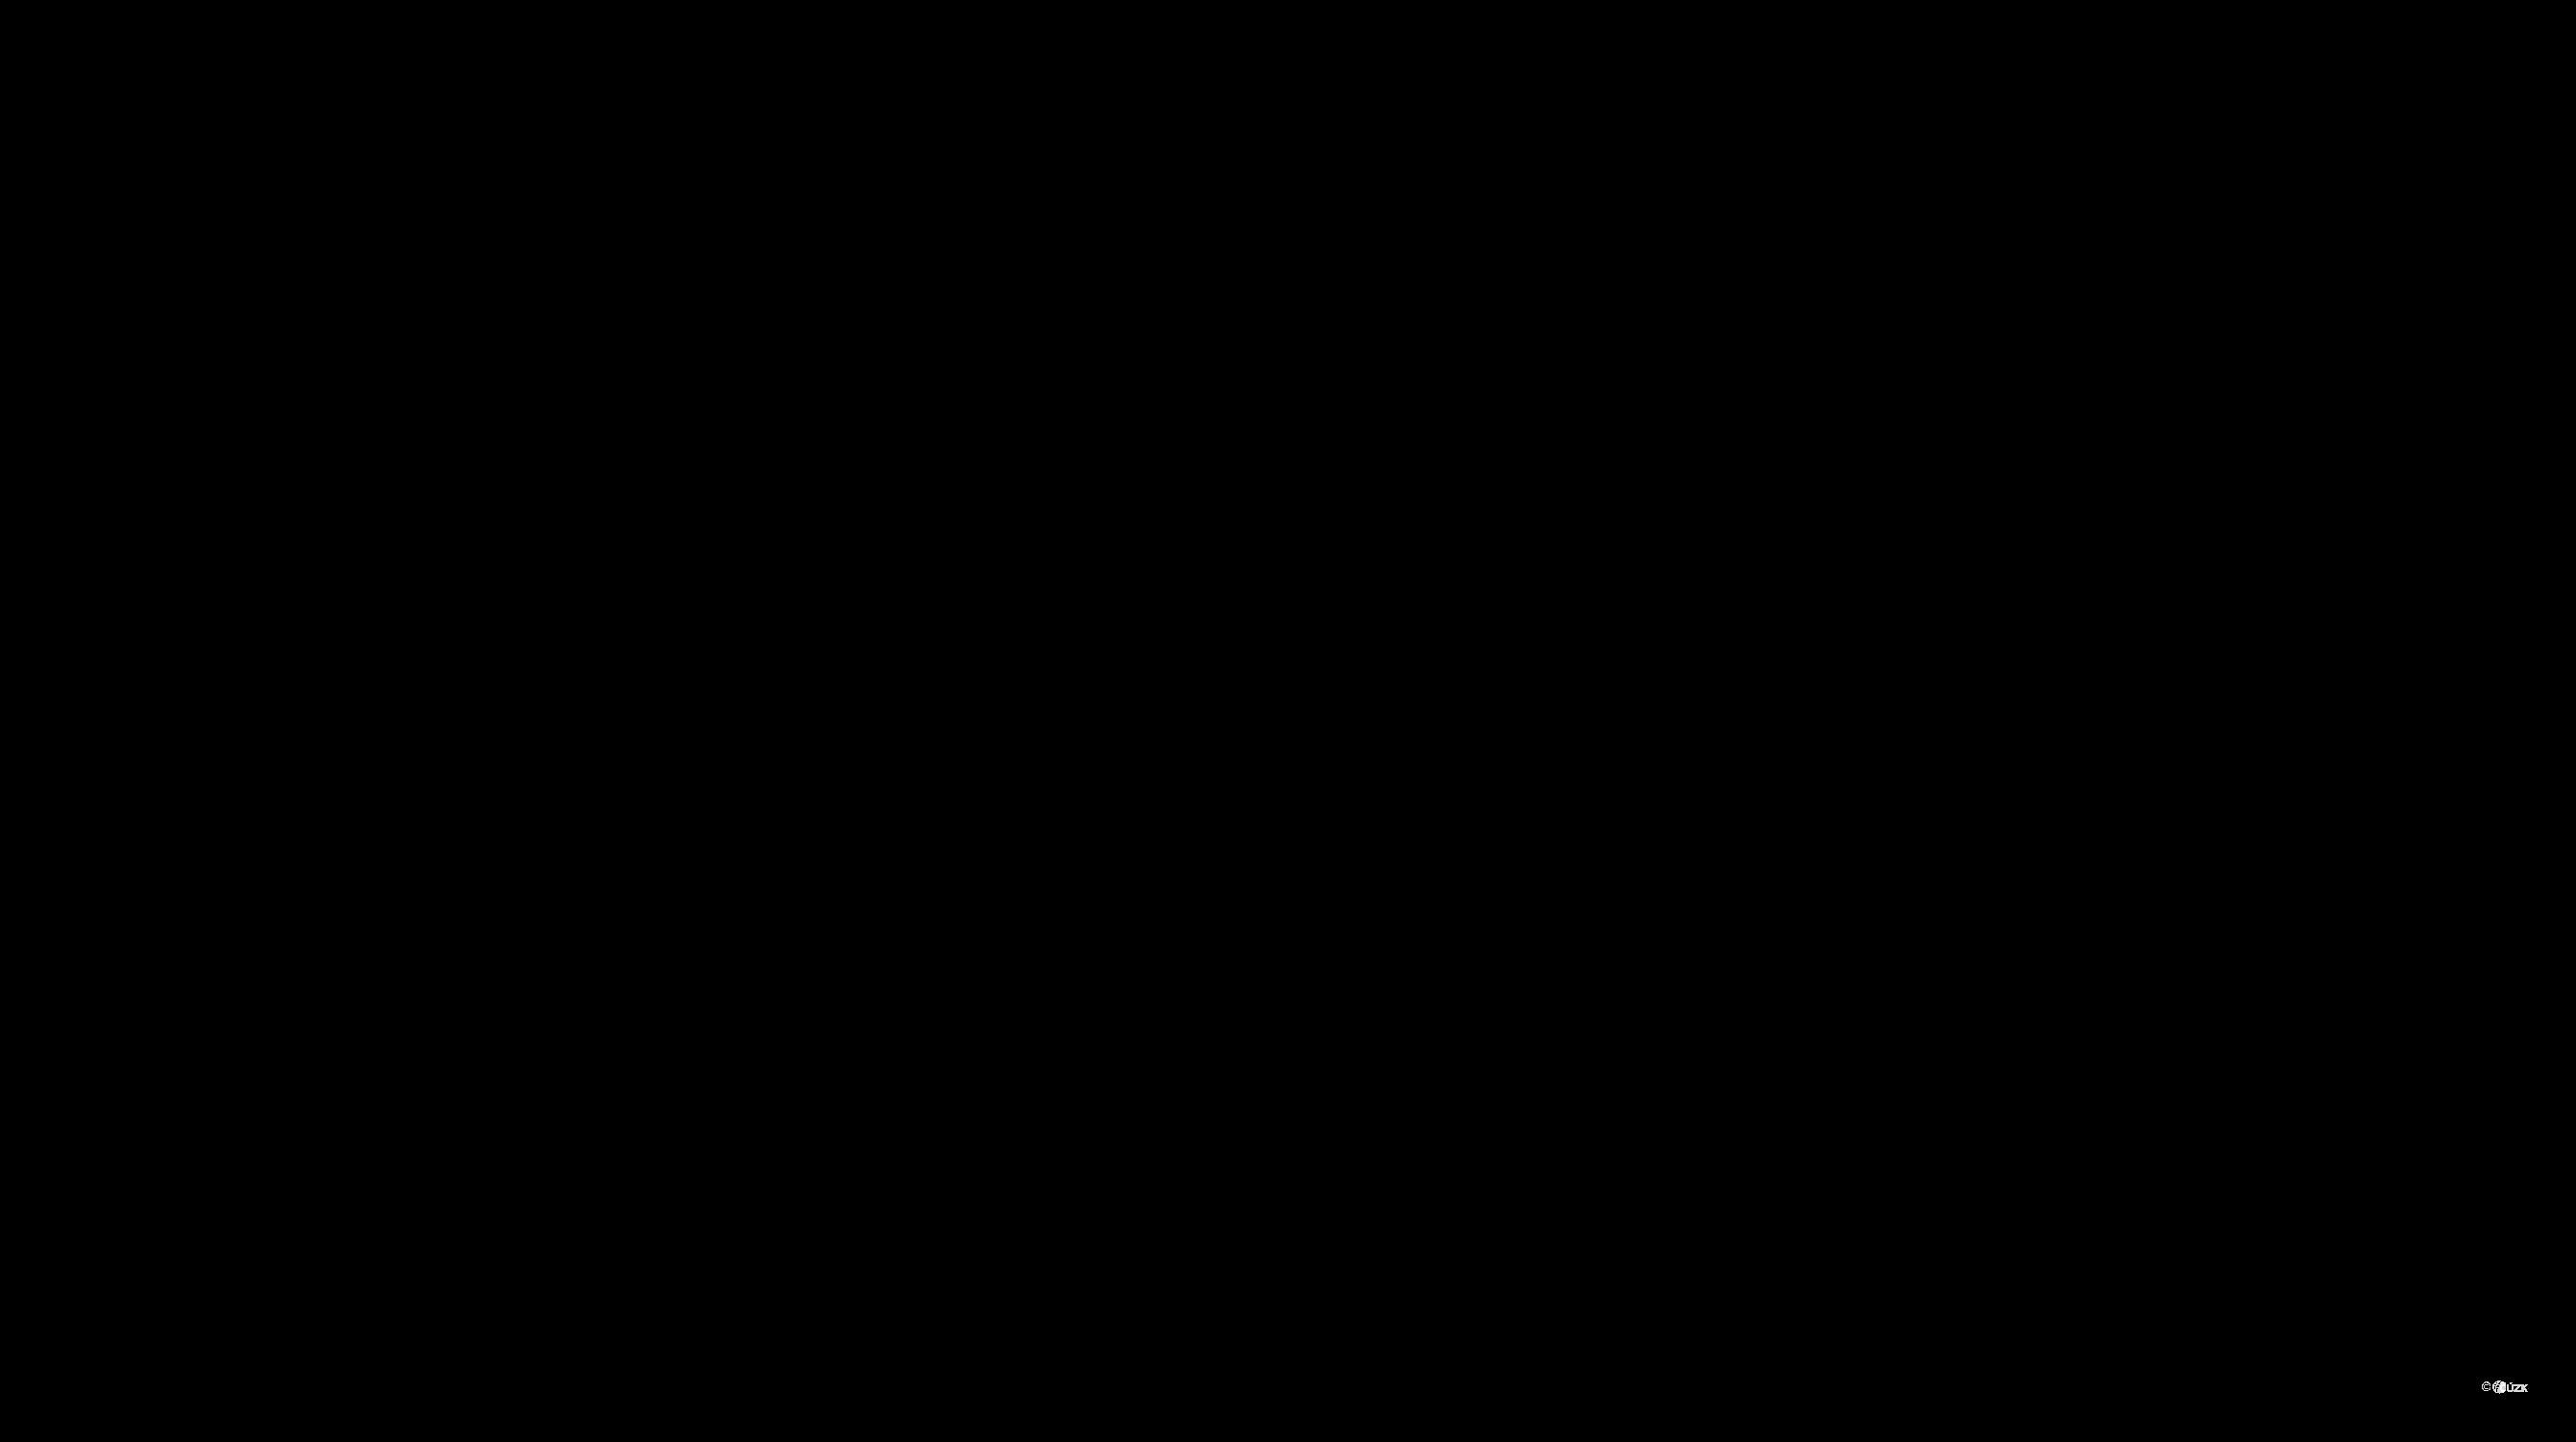 Katastrální mapa pozemků a čísla parcel Chvalšovice u Čachrova